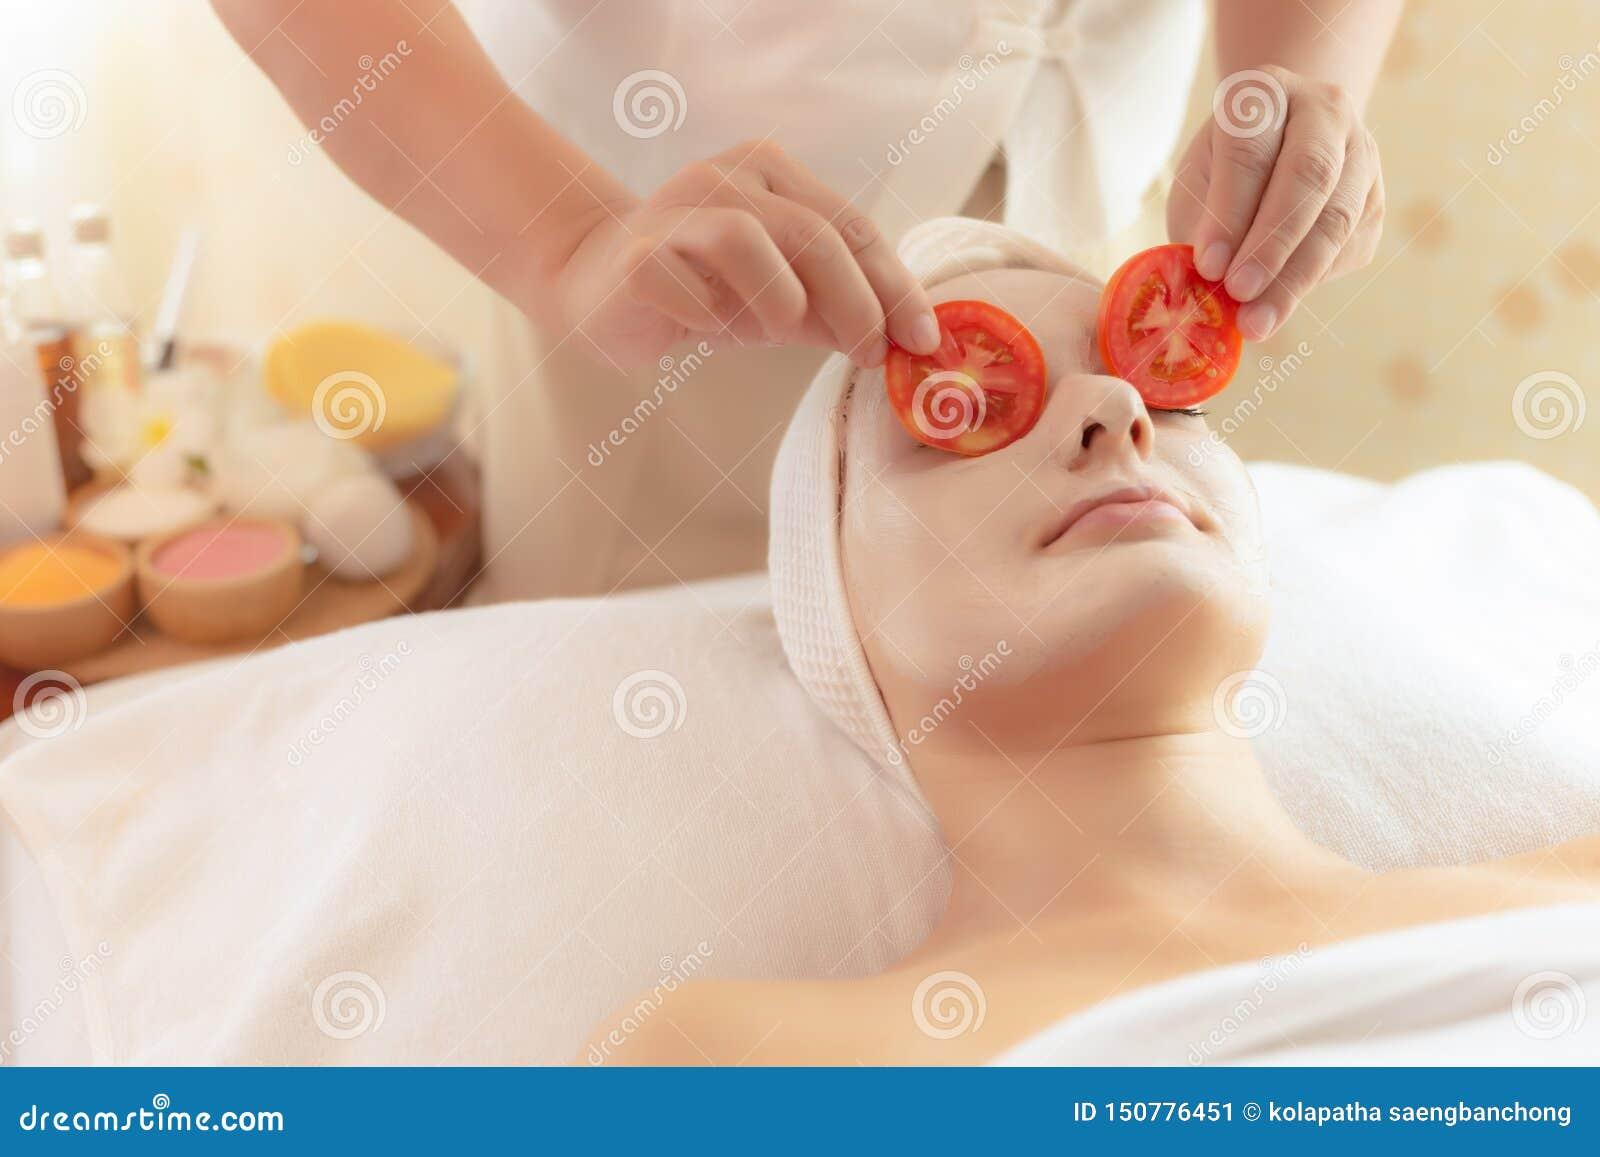 美丽的年轻女人在温泉床上躺下在温泉屋子里在温泉沙龙 女按摩师在使的顾客眼睛上把蕃茄切片放明亮